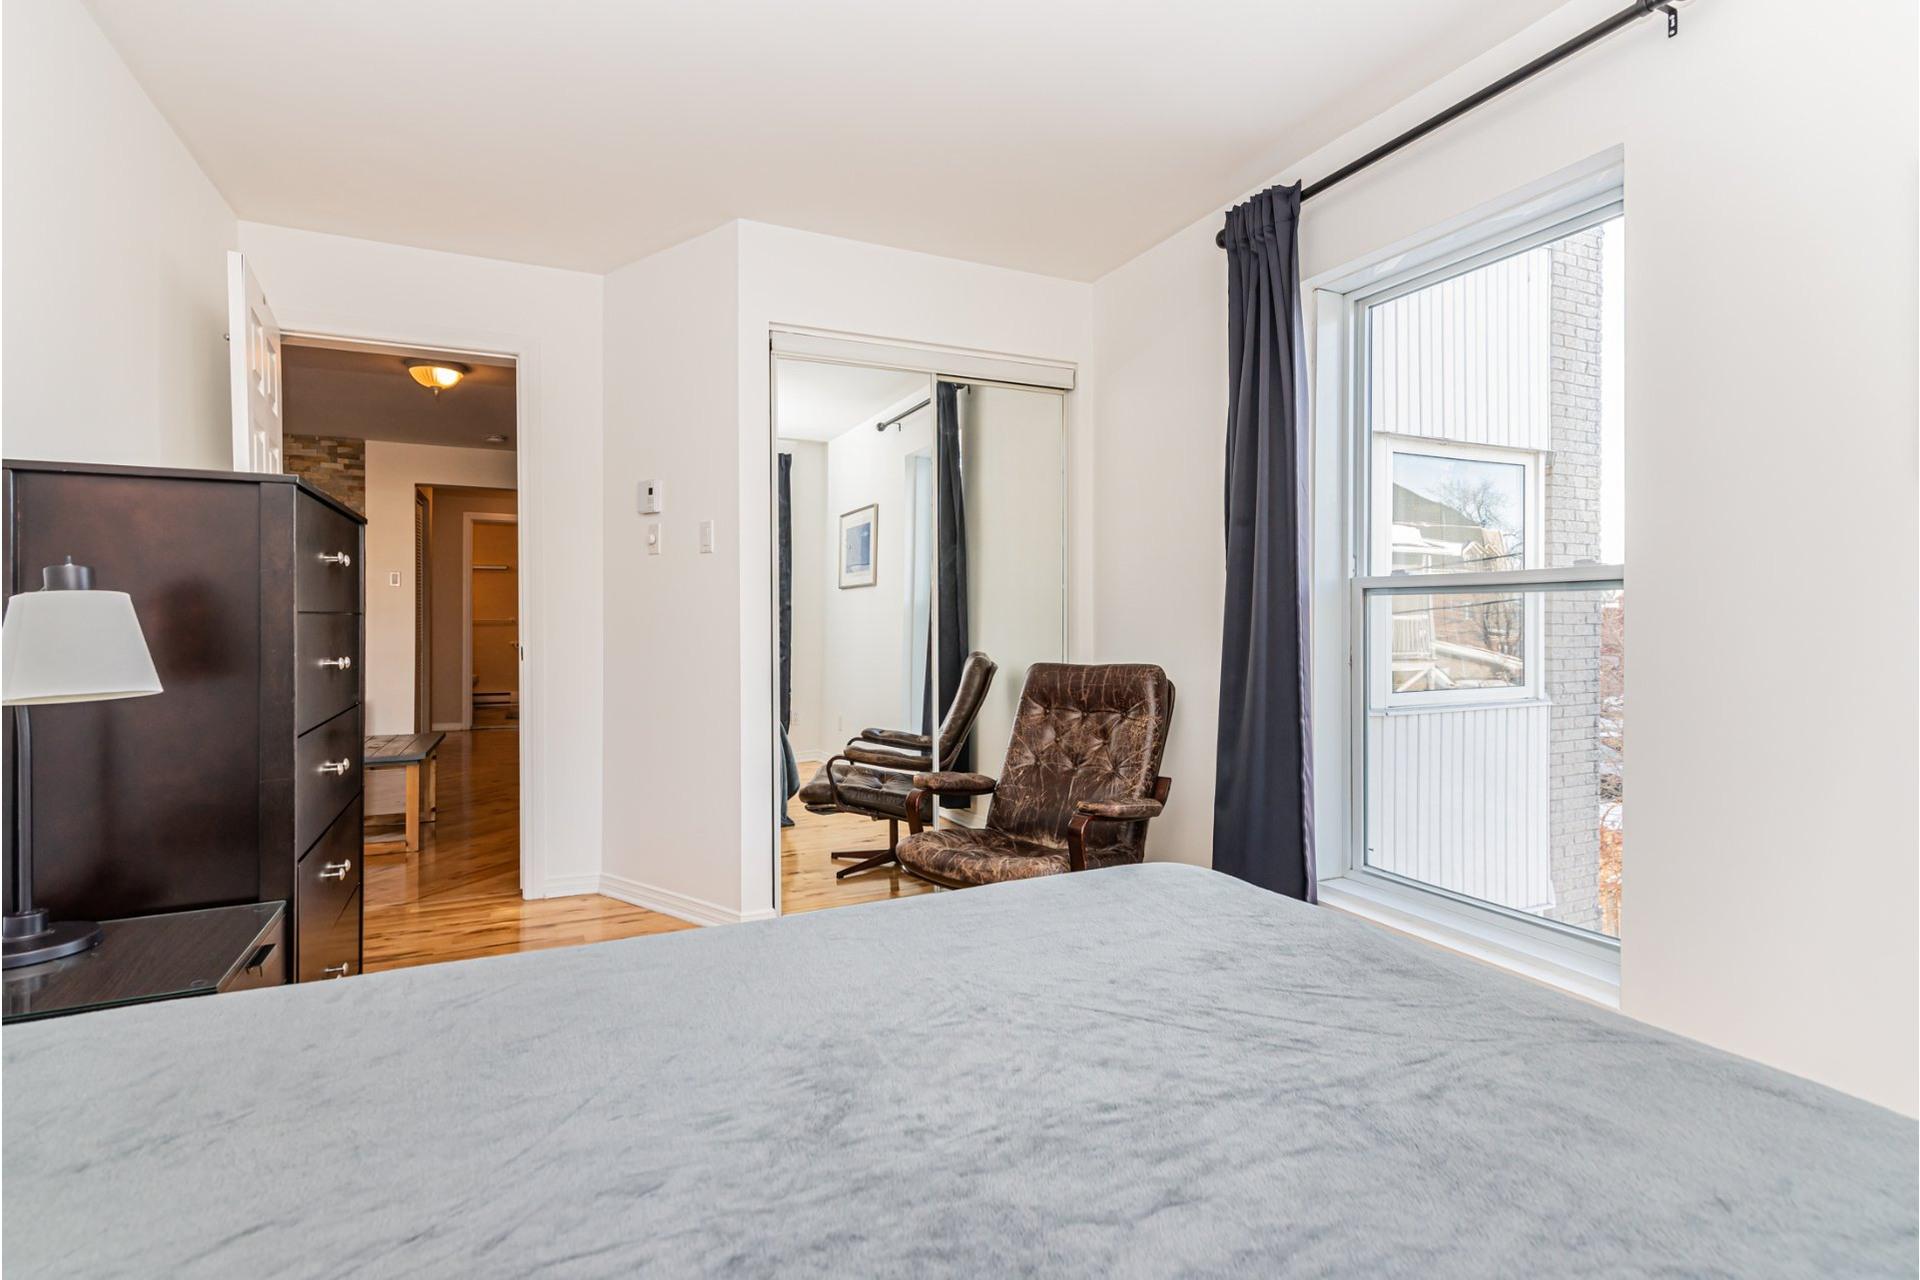 image 7 - Appartement À louer Lachine Montréal  - 4 pièces